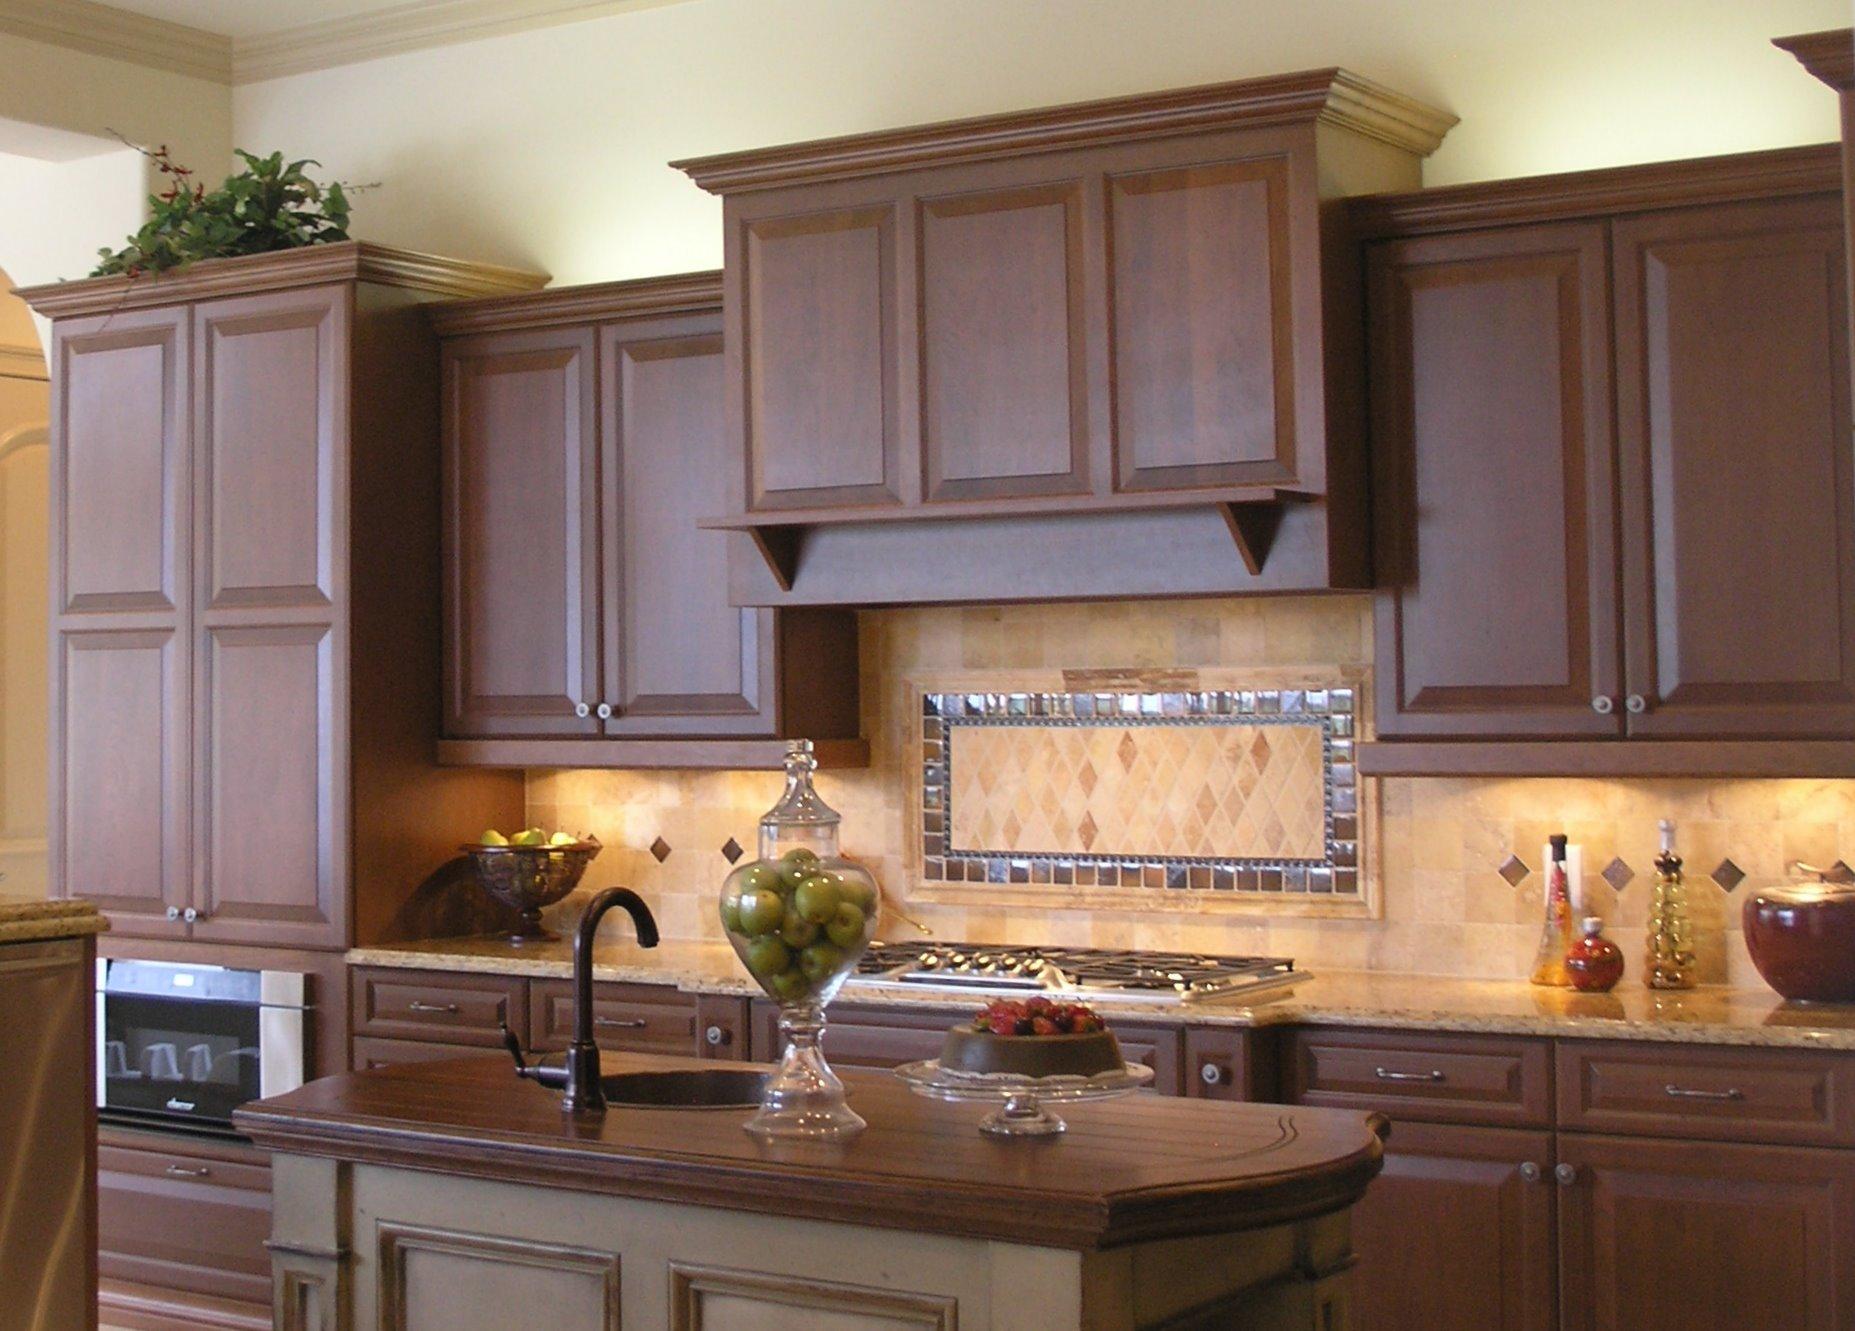 Kitchen Studio of Naples, Inc.